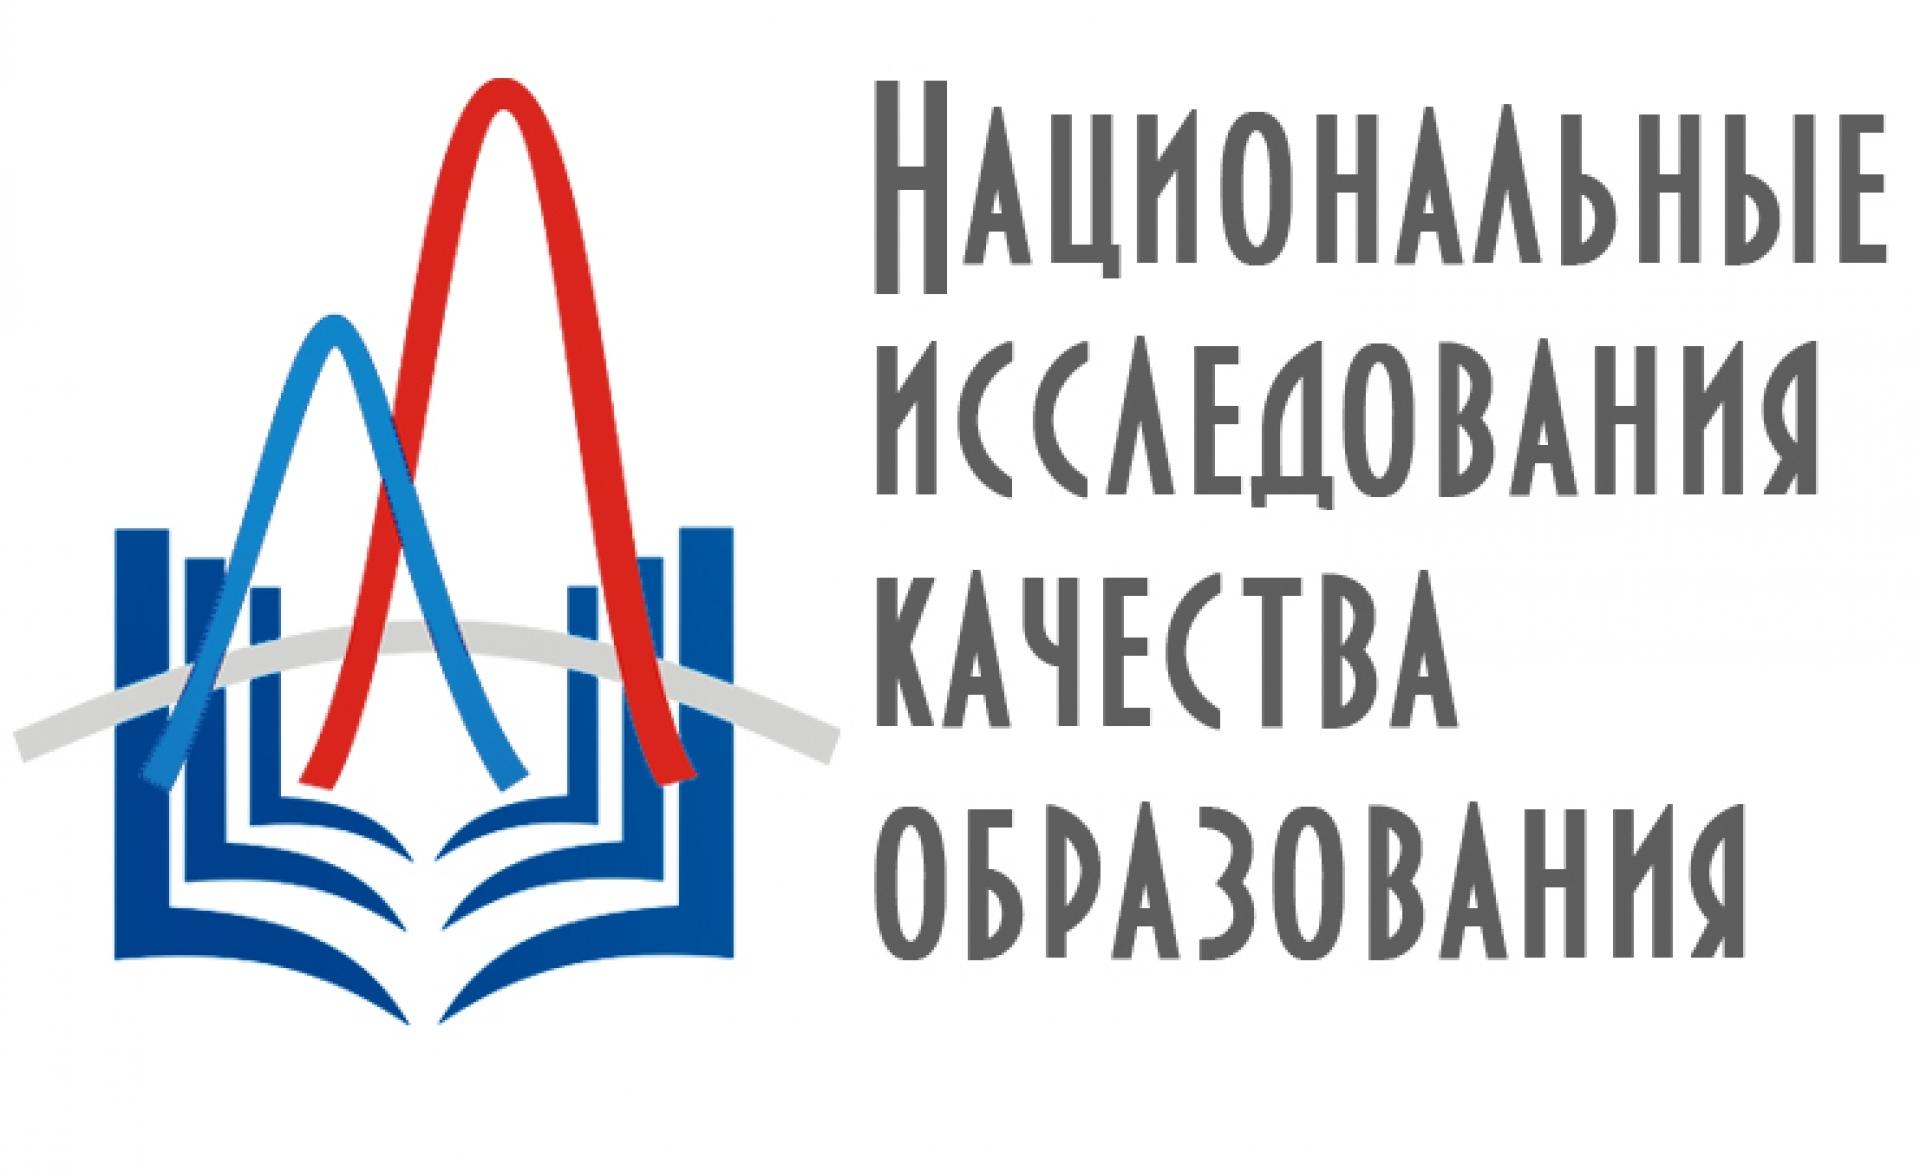 В октябре в школах России состоится национальное исследование качества образования по географии